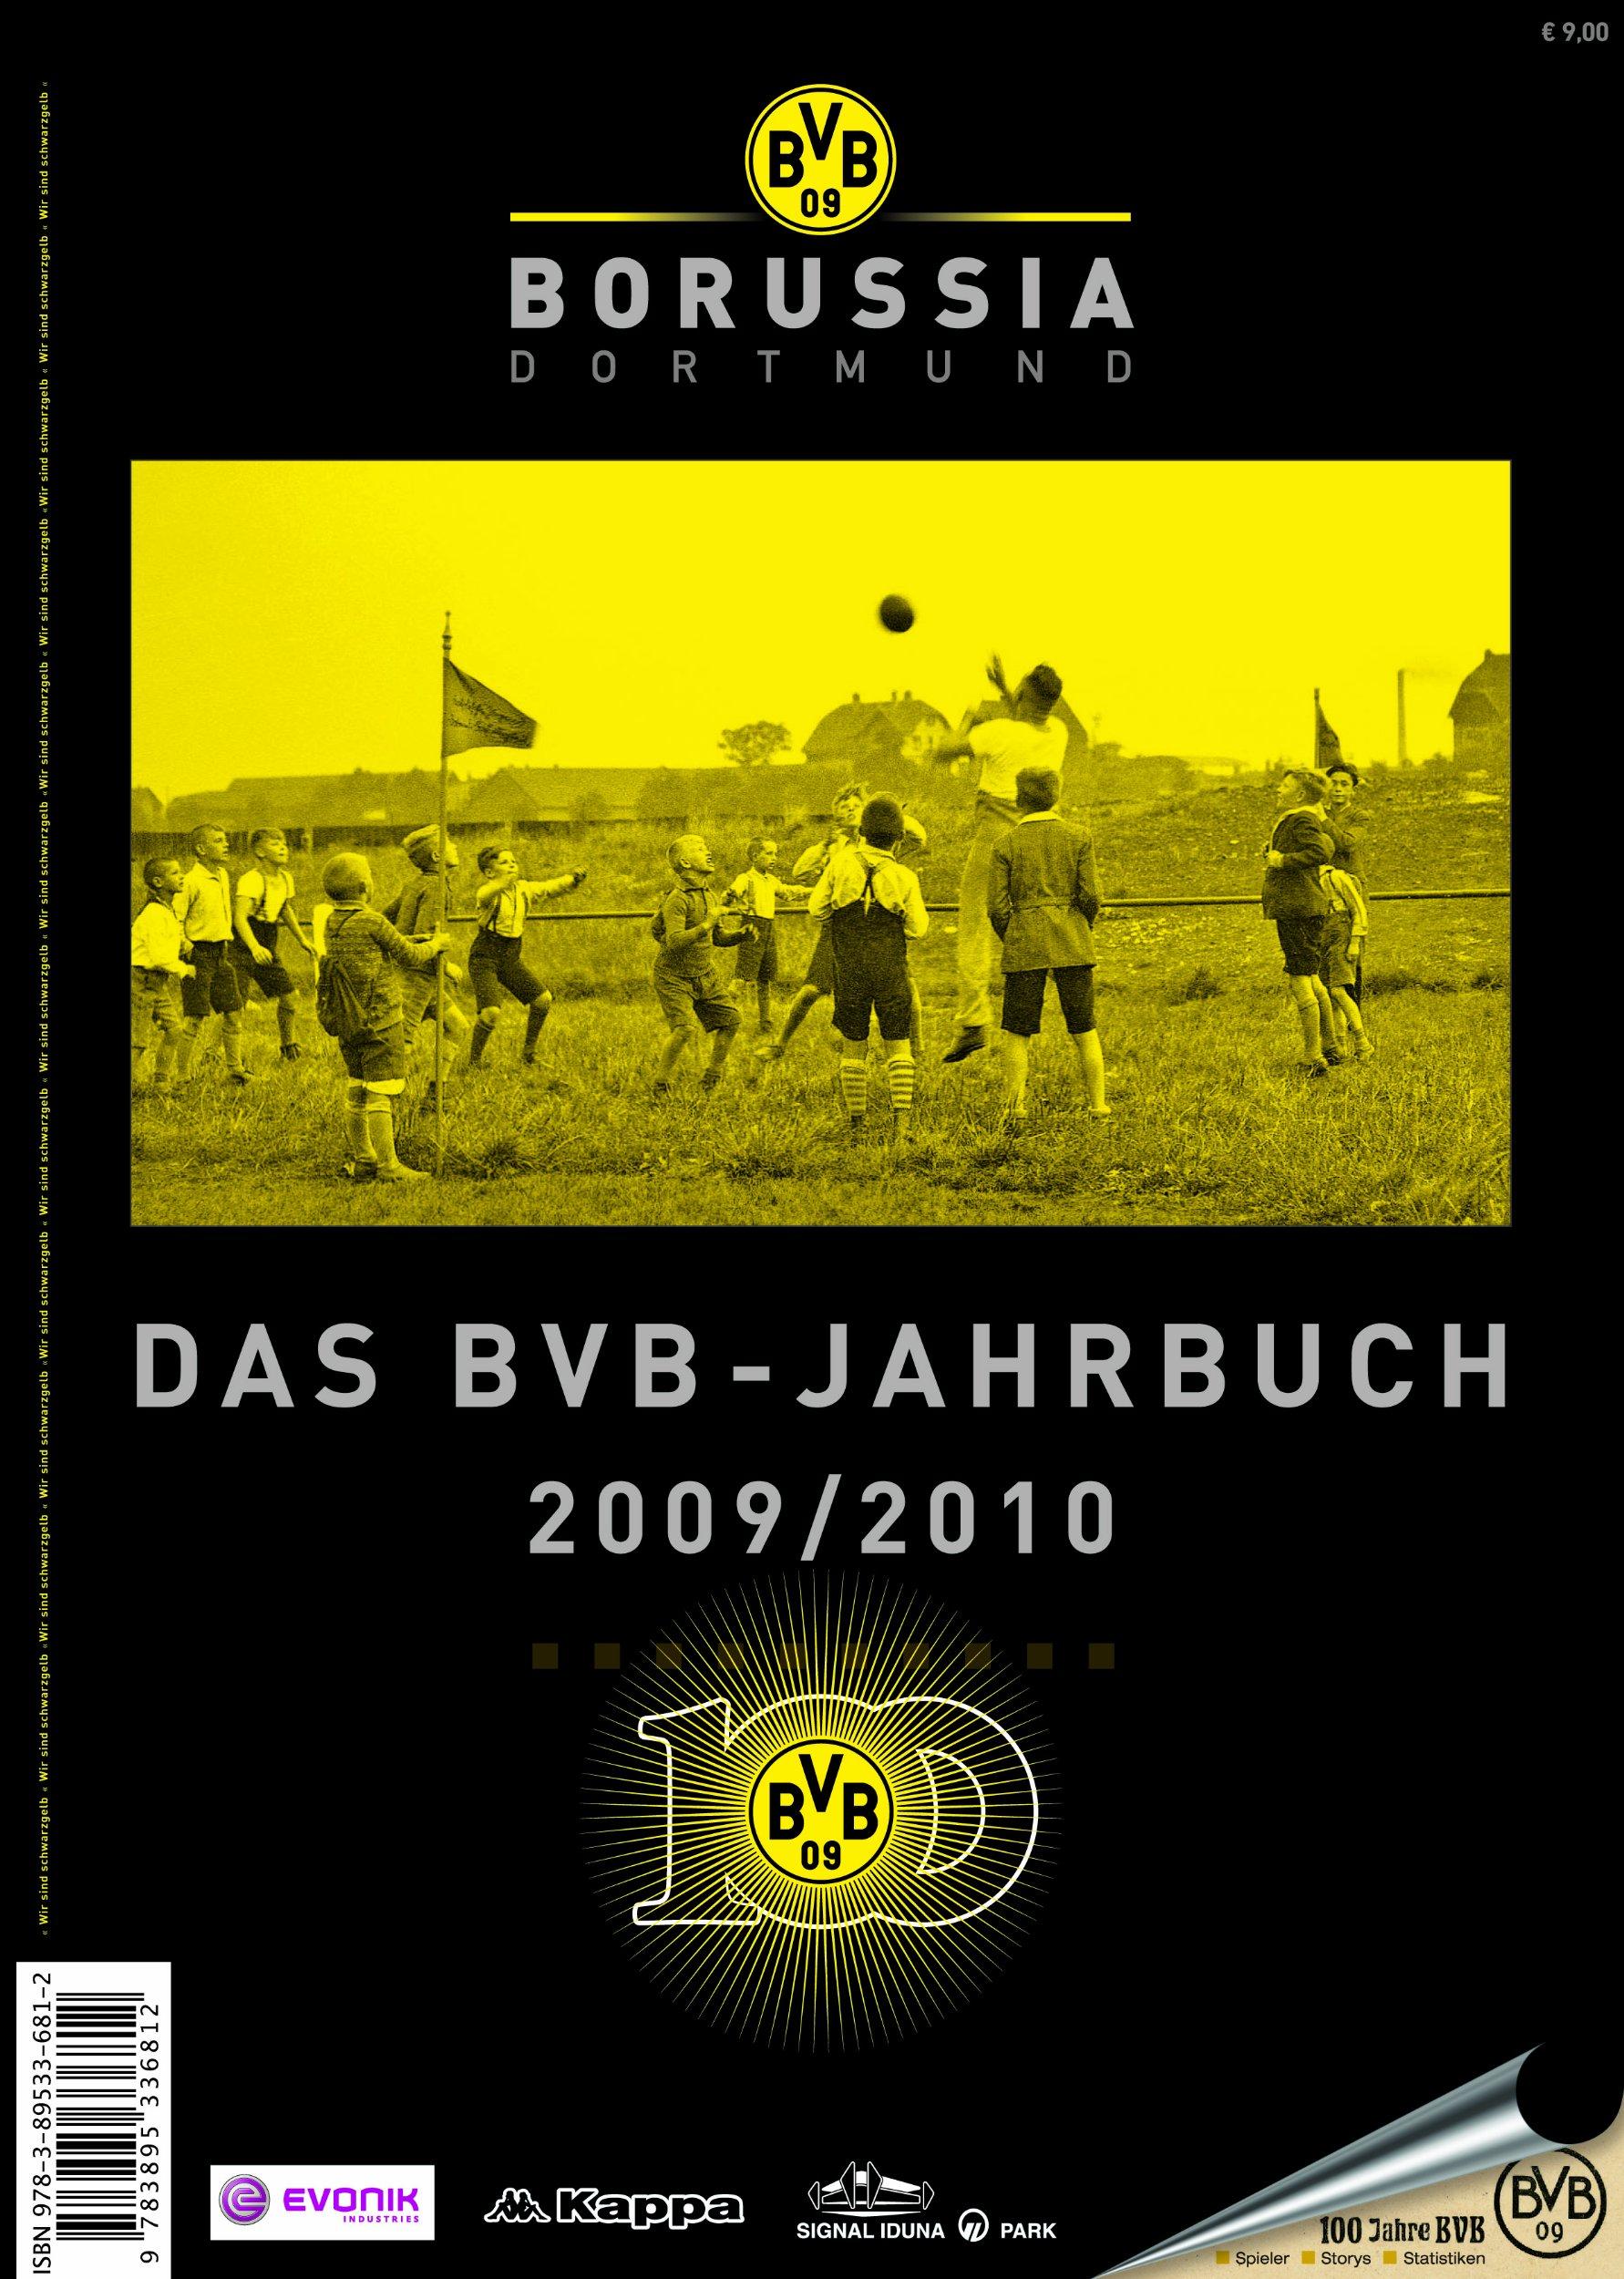 Das BVB-Jahrbuch 2009/10. Borussia Dortmund: Tradition . Leidenschaft . Erfolg